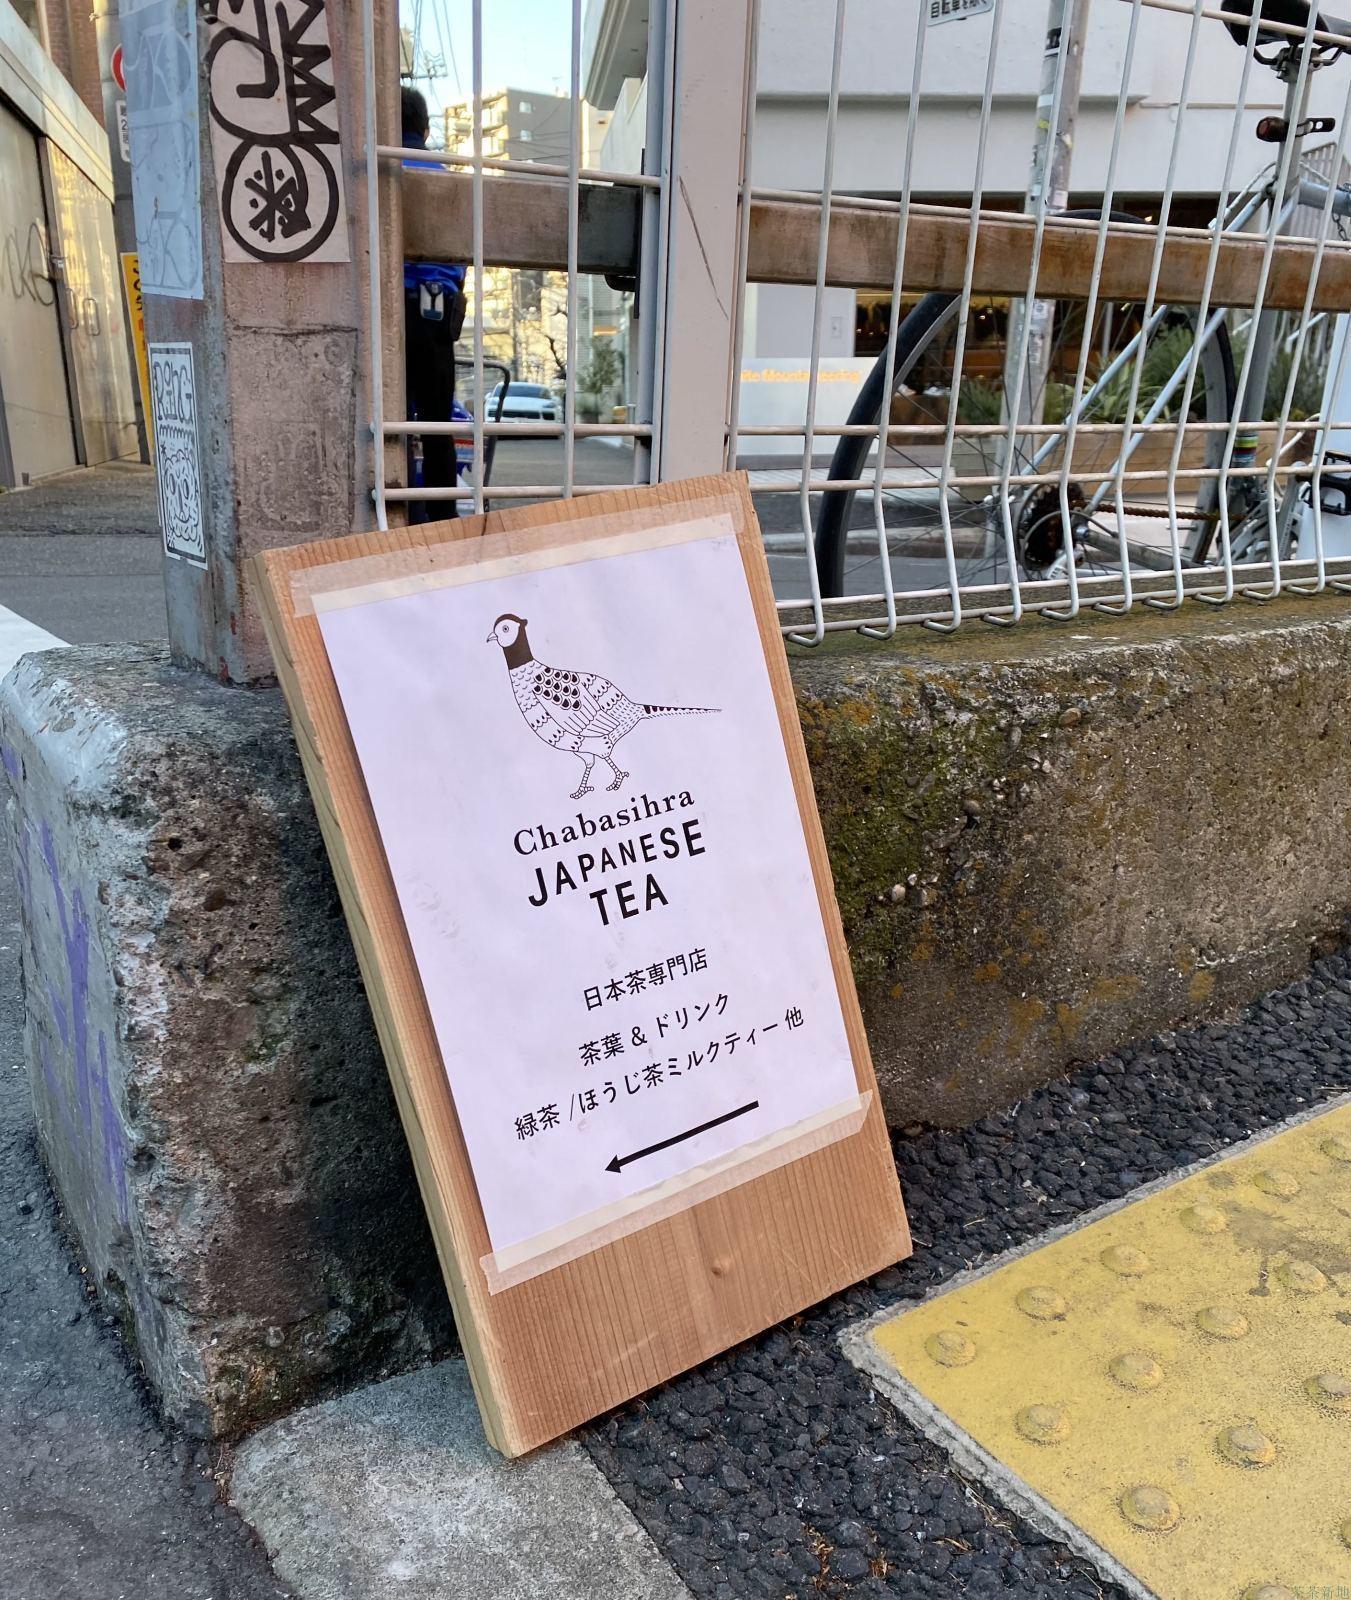 ワインじゃないの紫蘇なの〜Chabashira JAPANESE TEA〜_c0404636_23513813.jpg